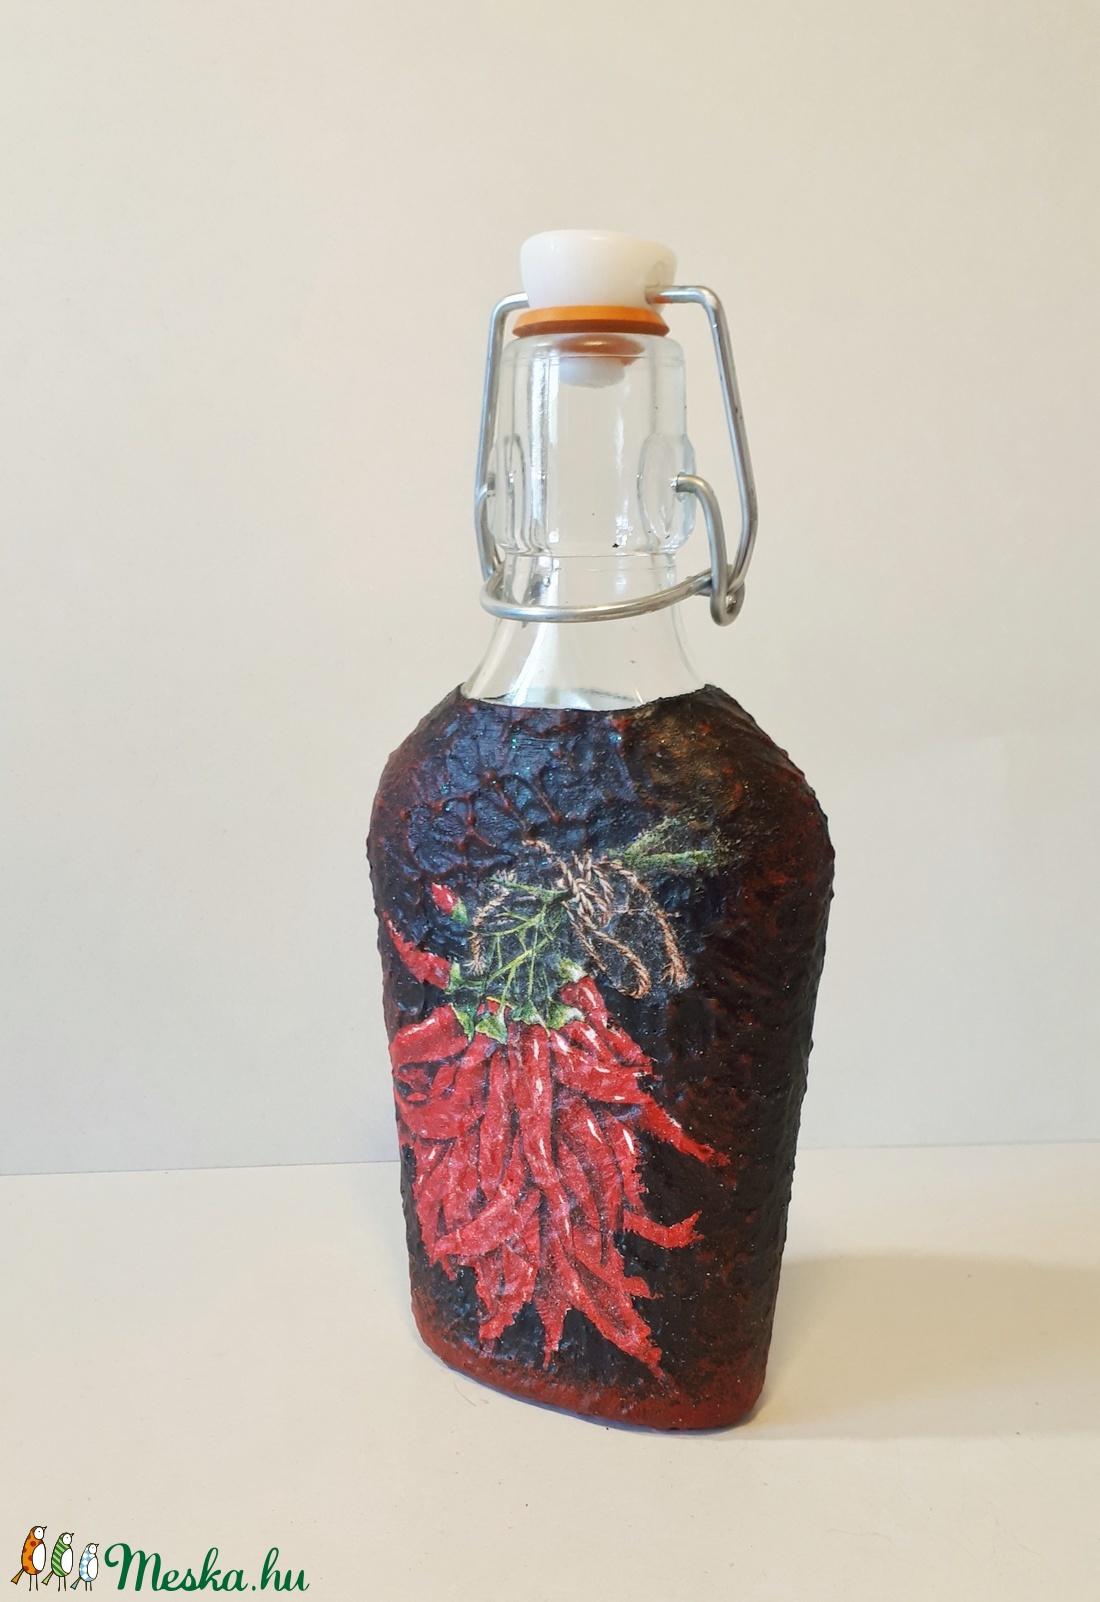 e25e5b94ab Paprika mintás, magyaros dísz-és használati csatos üveg hagyományokat,  népművészetet kedvelőknek.